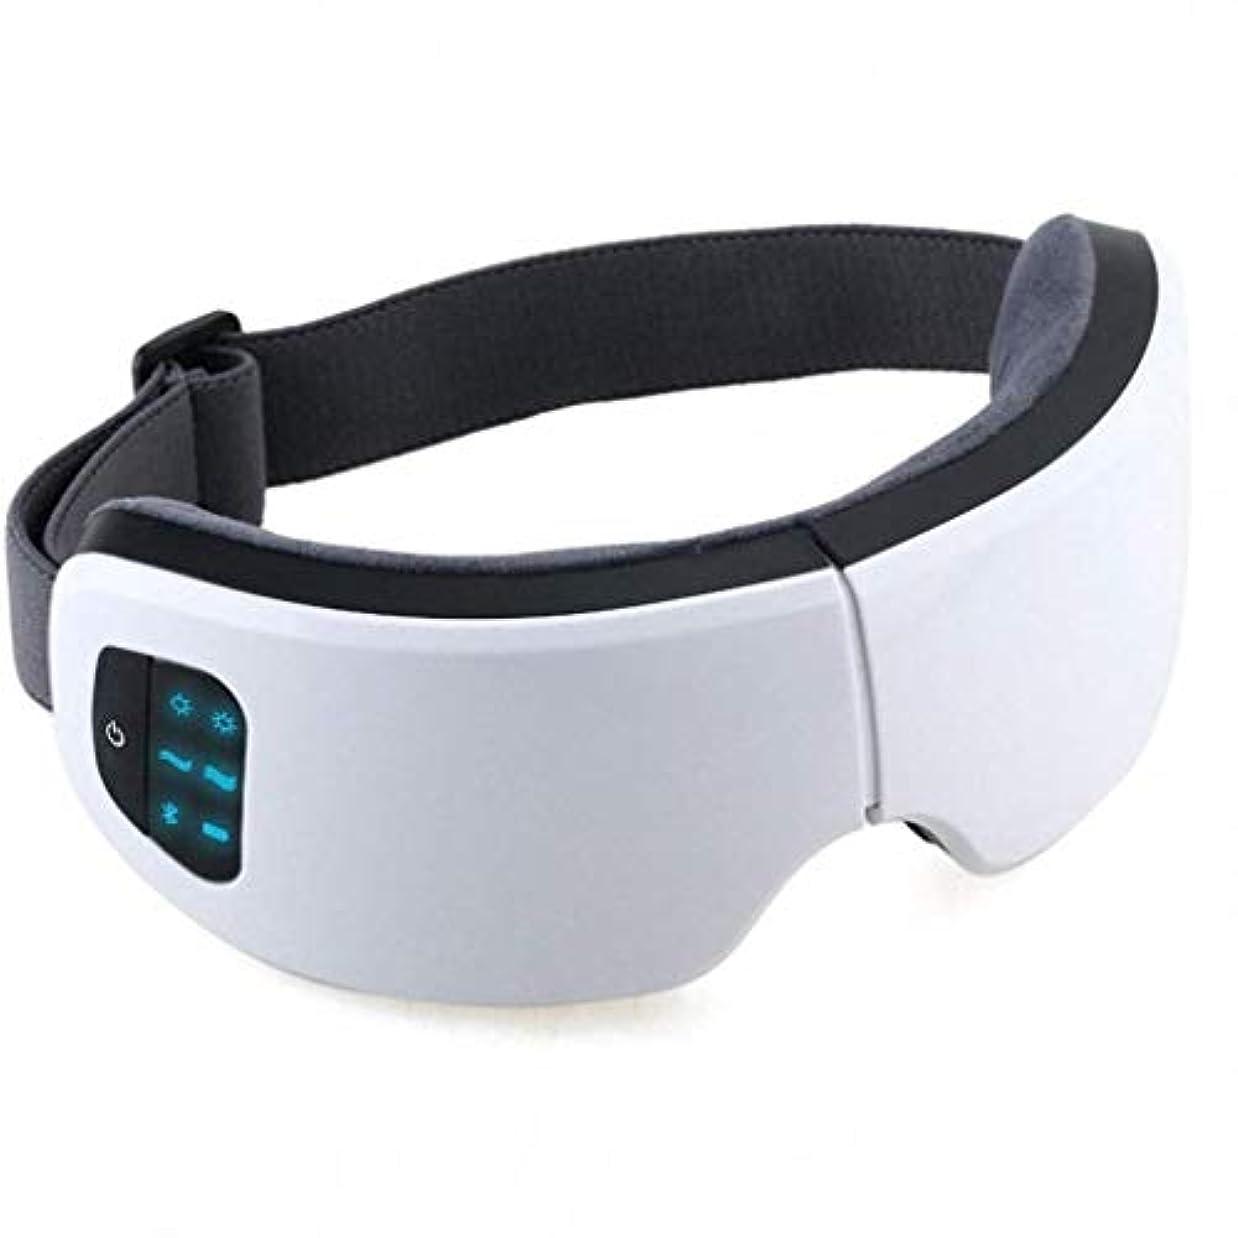 熟達好奇心プランテーション電動アイマスク、アイマッサージャー、折りたたみ式USB充電式スマートデコンプレッションマシン、ワイヤレスBluetoothポータブル、目の疲れを和らげる、ダークサークル、アイバッグ、美容機器